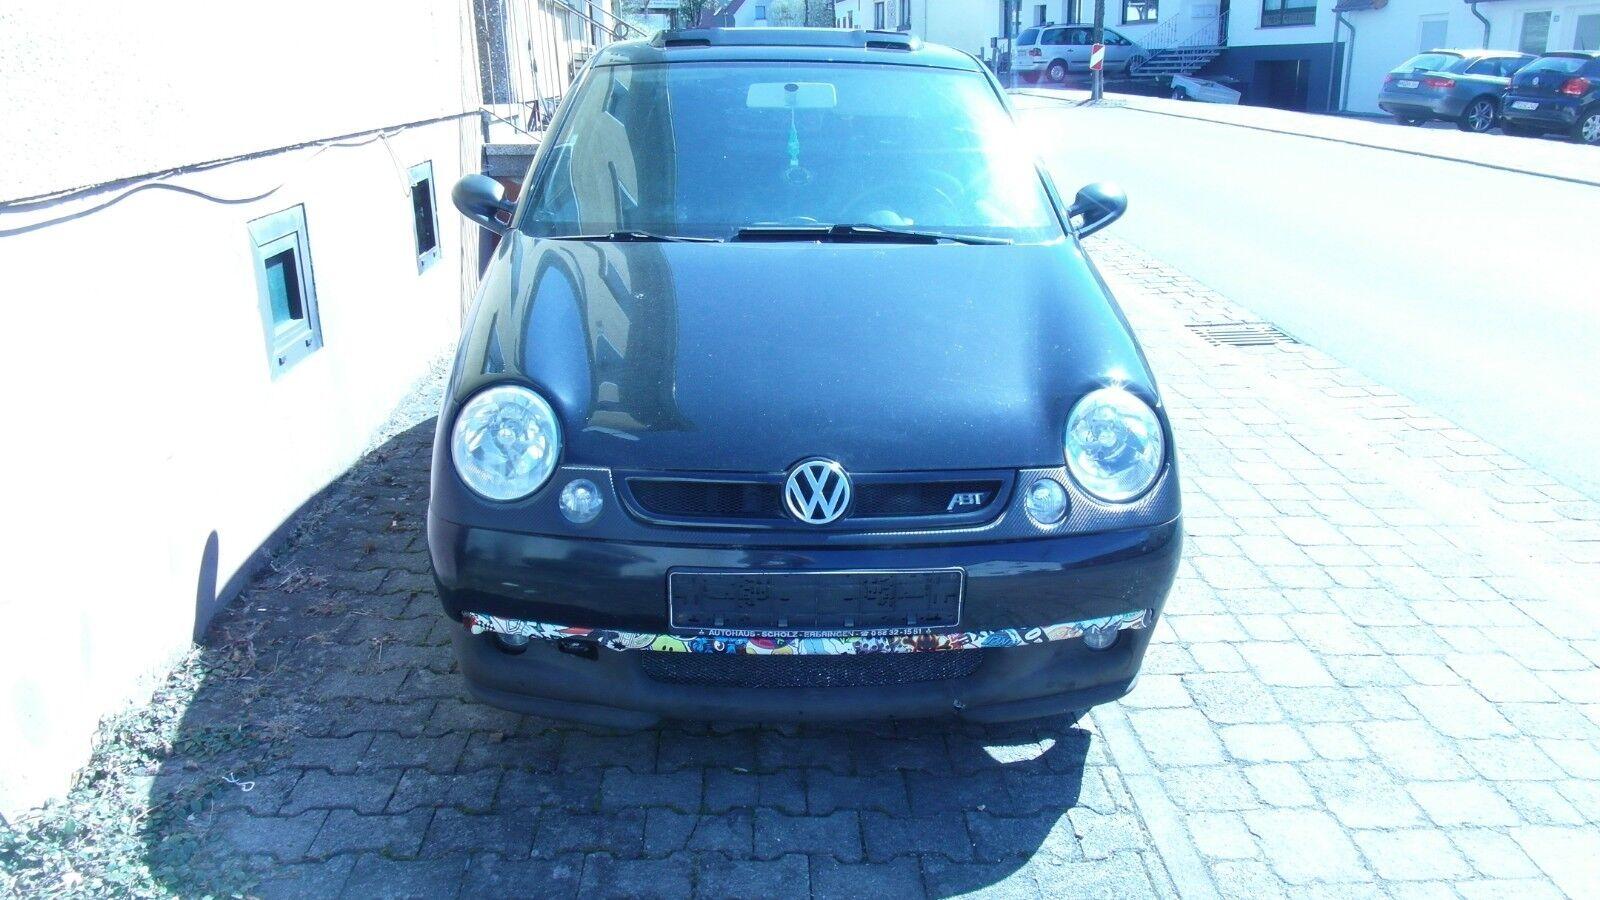 VW Lupo 1,4 16 v ABT